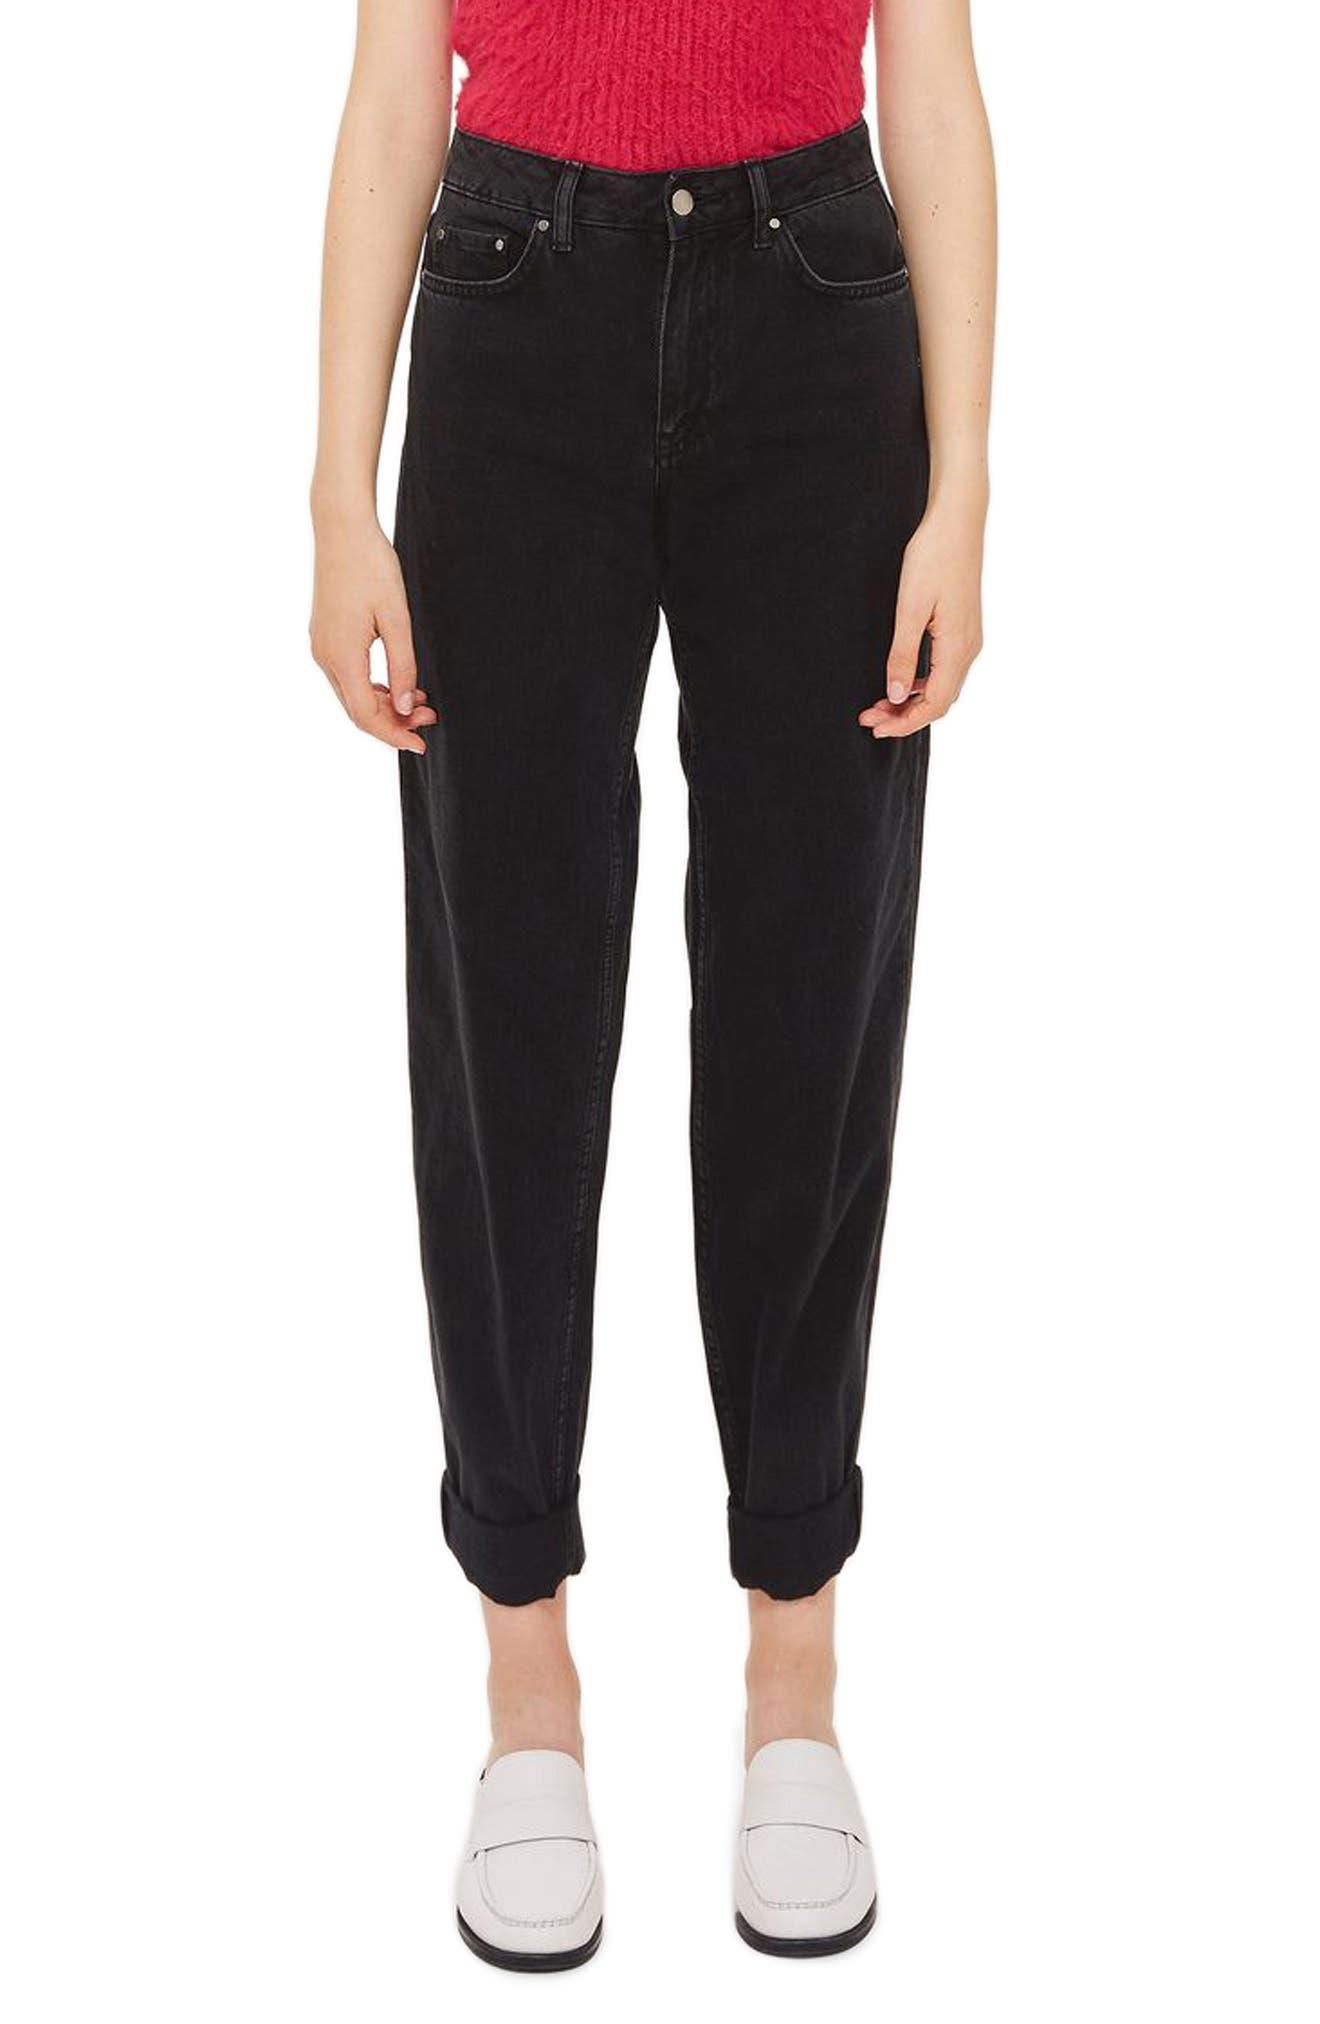 Alternate Image 1 Selected - Topshop Boutique Boyfriend Jeans